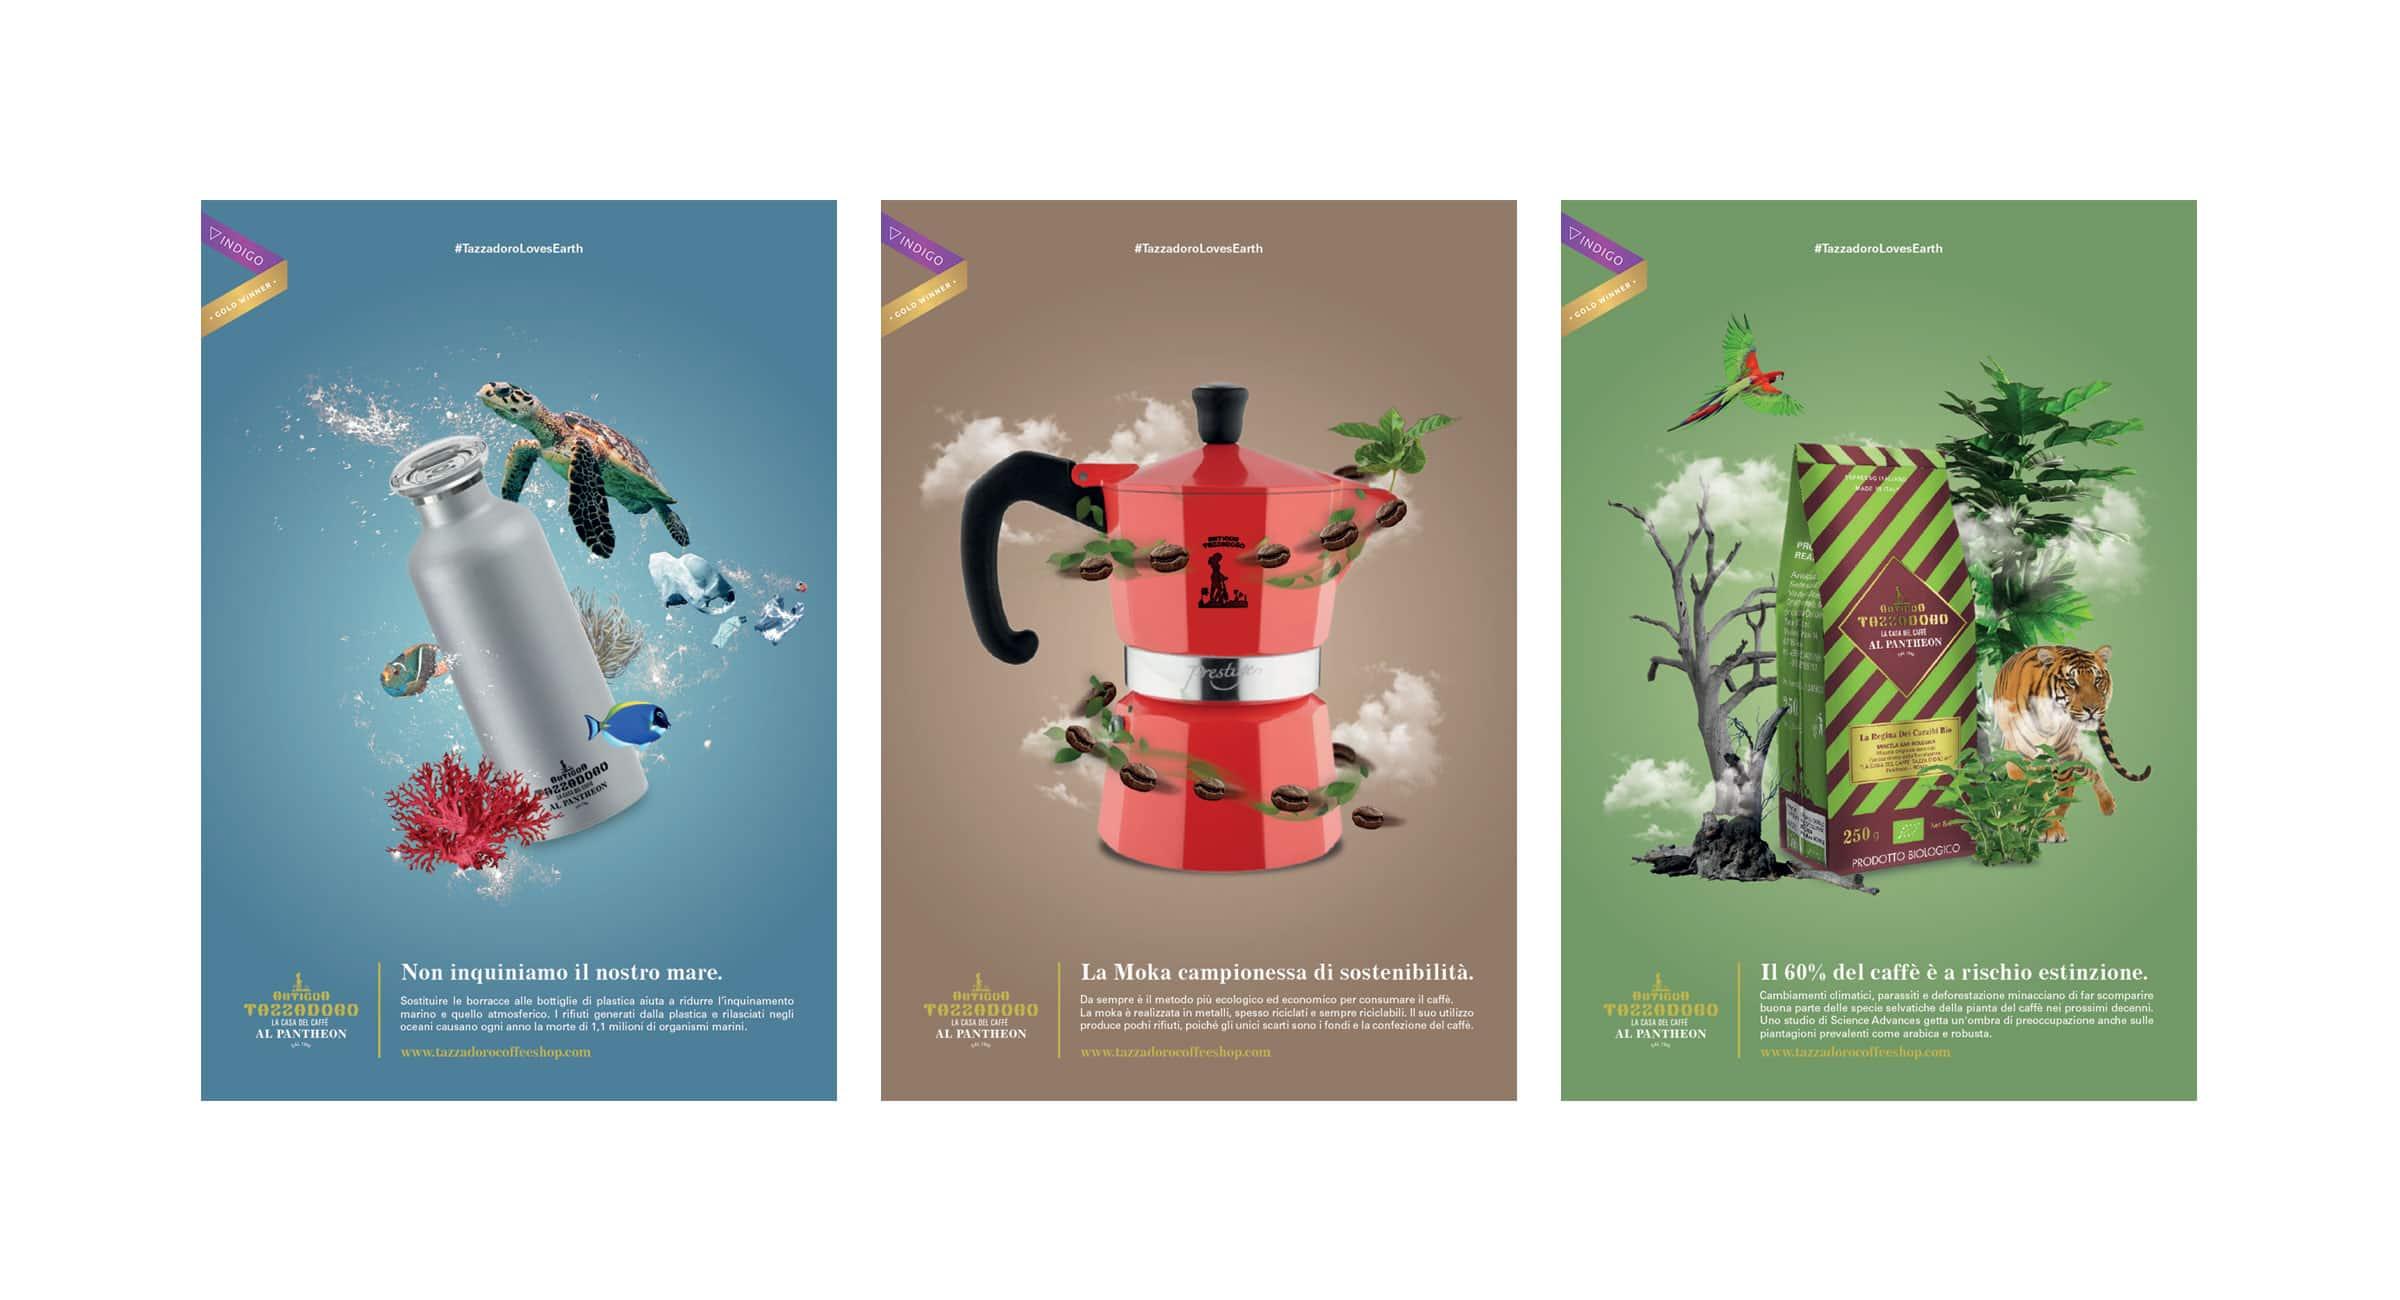 Tre manifesti su sfondo bianco a tema ambientale con una borraccia, una moka e un sacchetto per il caffè su sfondo verde.